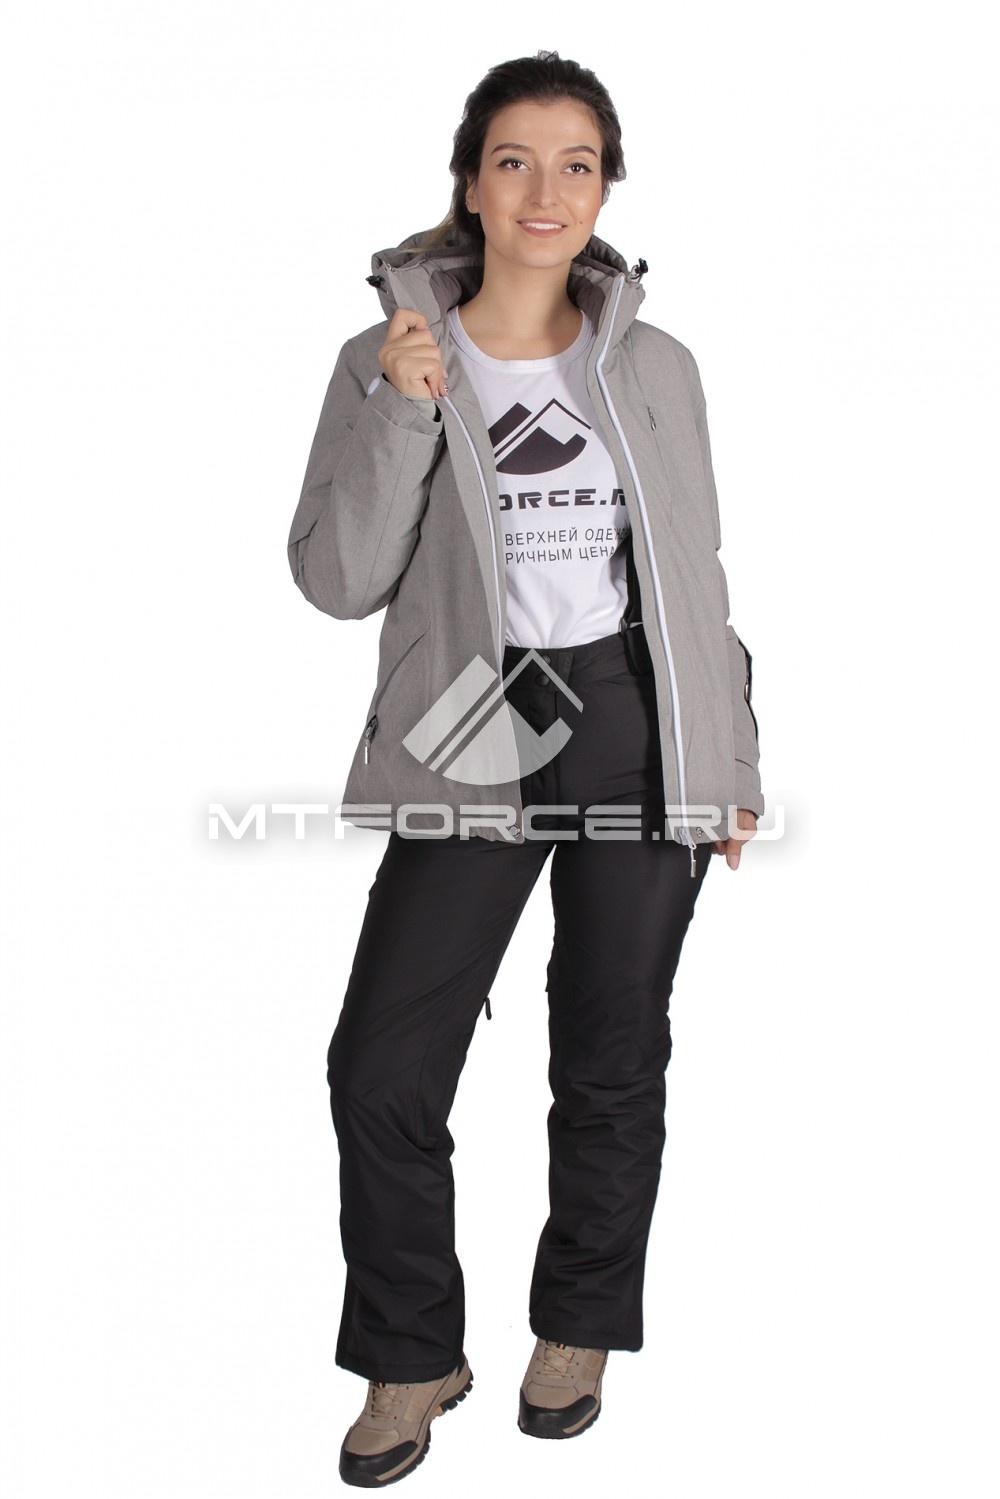 Купить                                  оптом Костюм горнолыжный женский серого цвета 01631-1Sr в Санкт-Петербурге